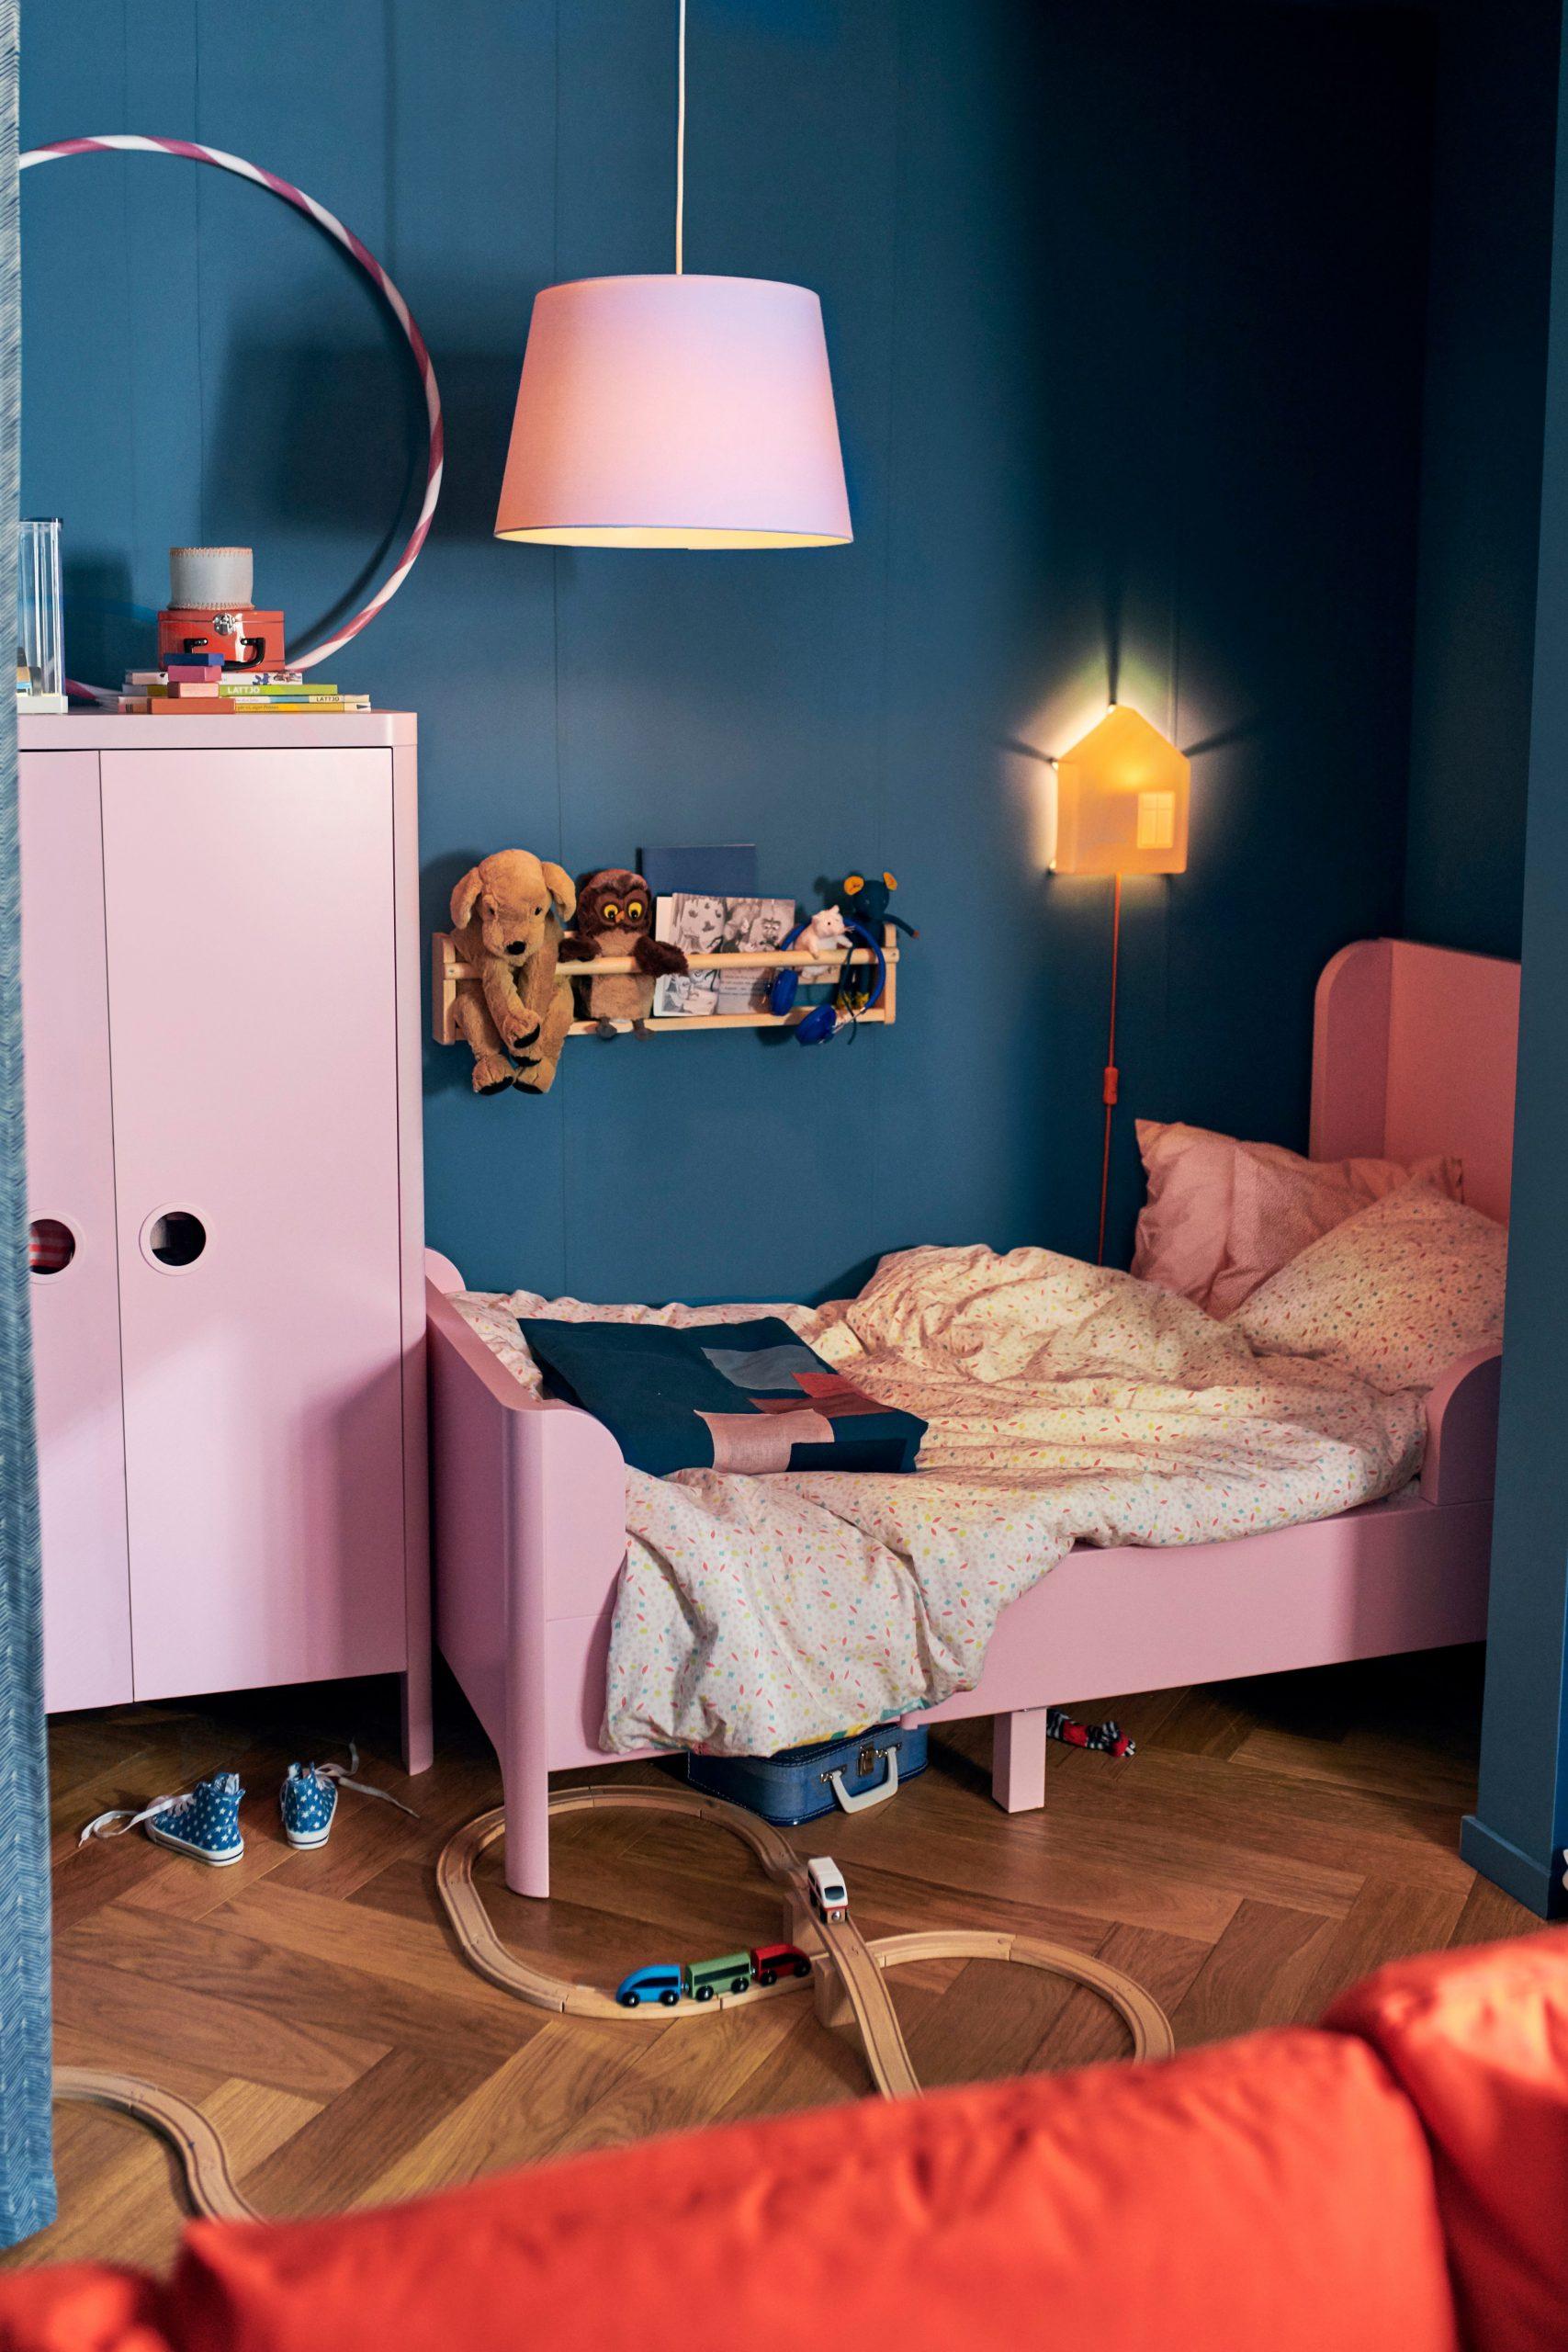 Full Size of Ikea Bett Kinder Busunge Bettgestell Home Affaire Nussbaum 180x200 Breite Jabo Betten Stauraum 200x200 Weiß 120x200 140x200 Ohne Kopfteil Erhöhtes Großes Wohnzimmer Ikea Bett Kinder